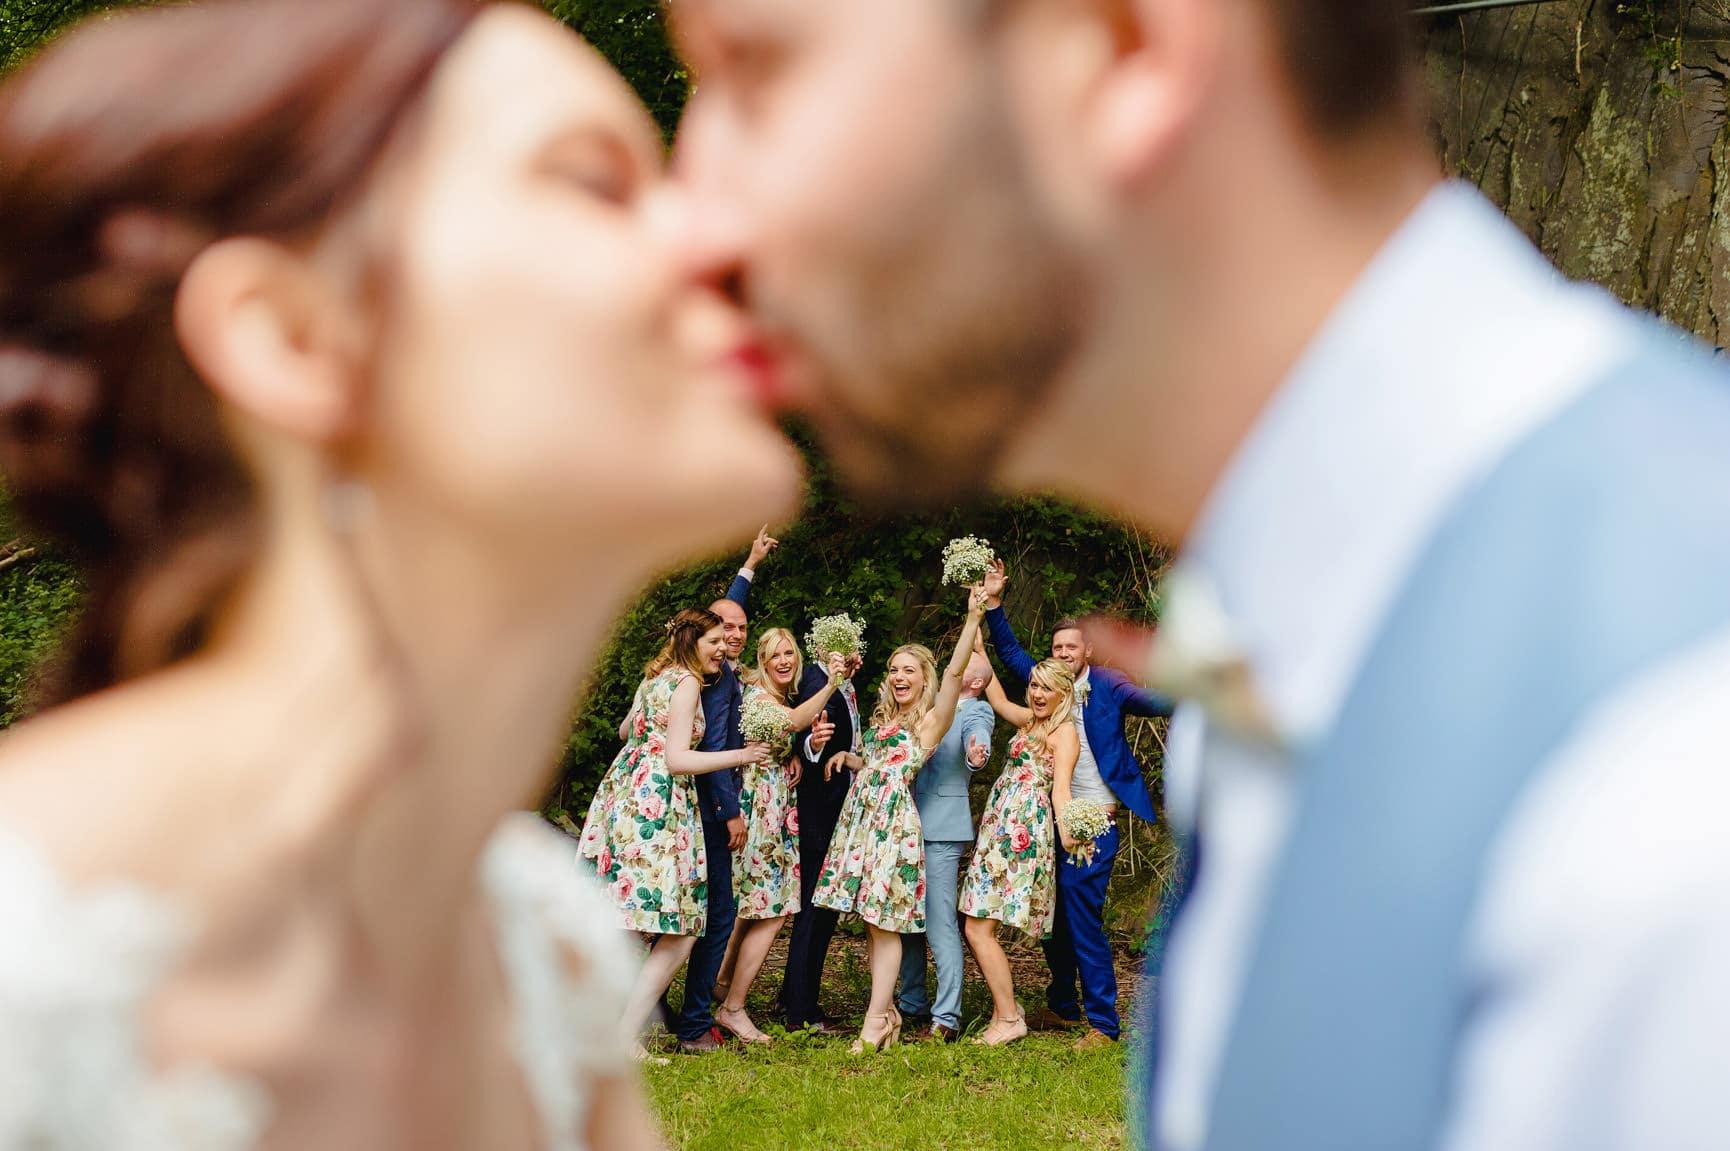 Fforest Wedding, Cardigan, Wales - Lauren and Gareth 137